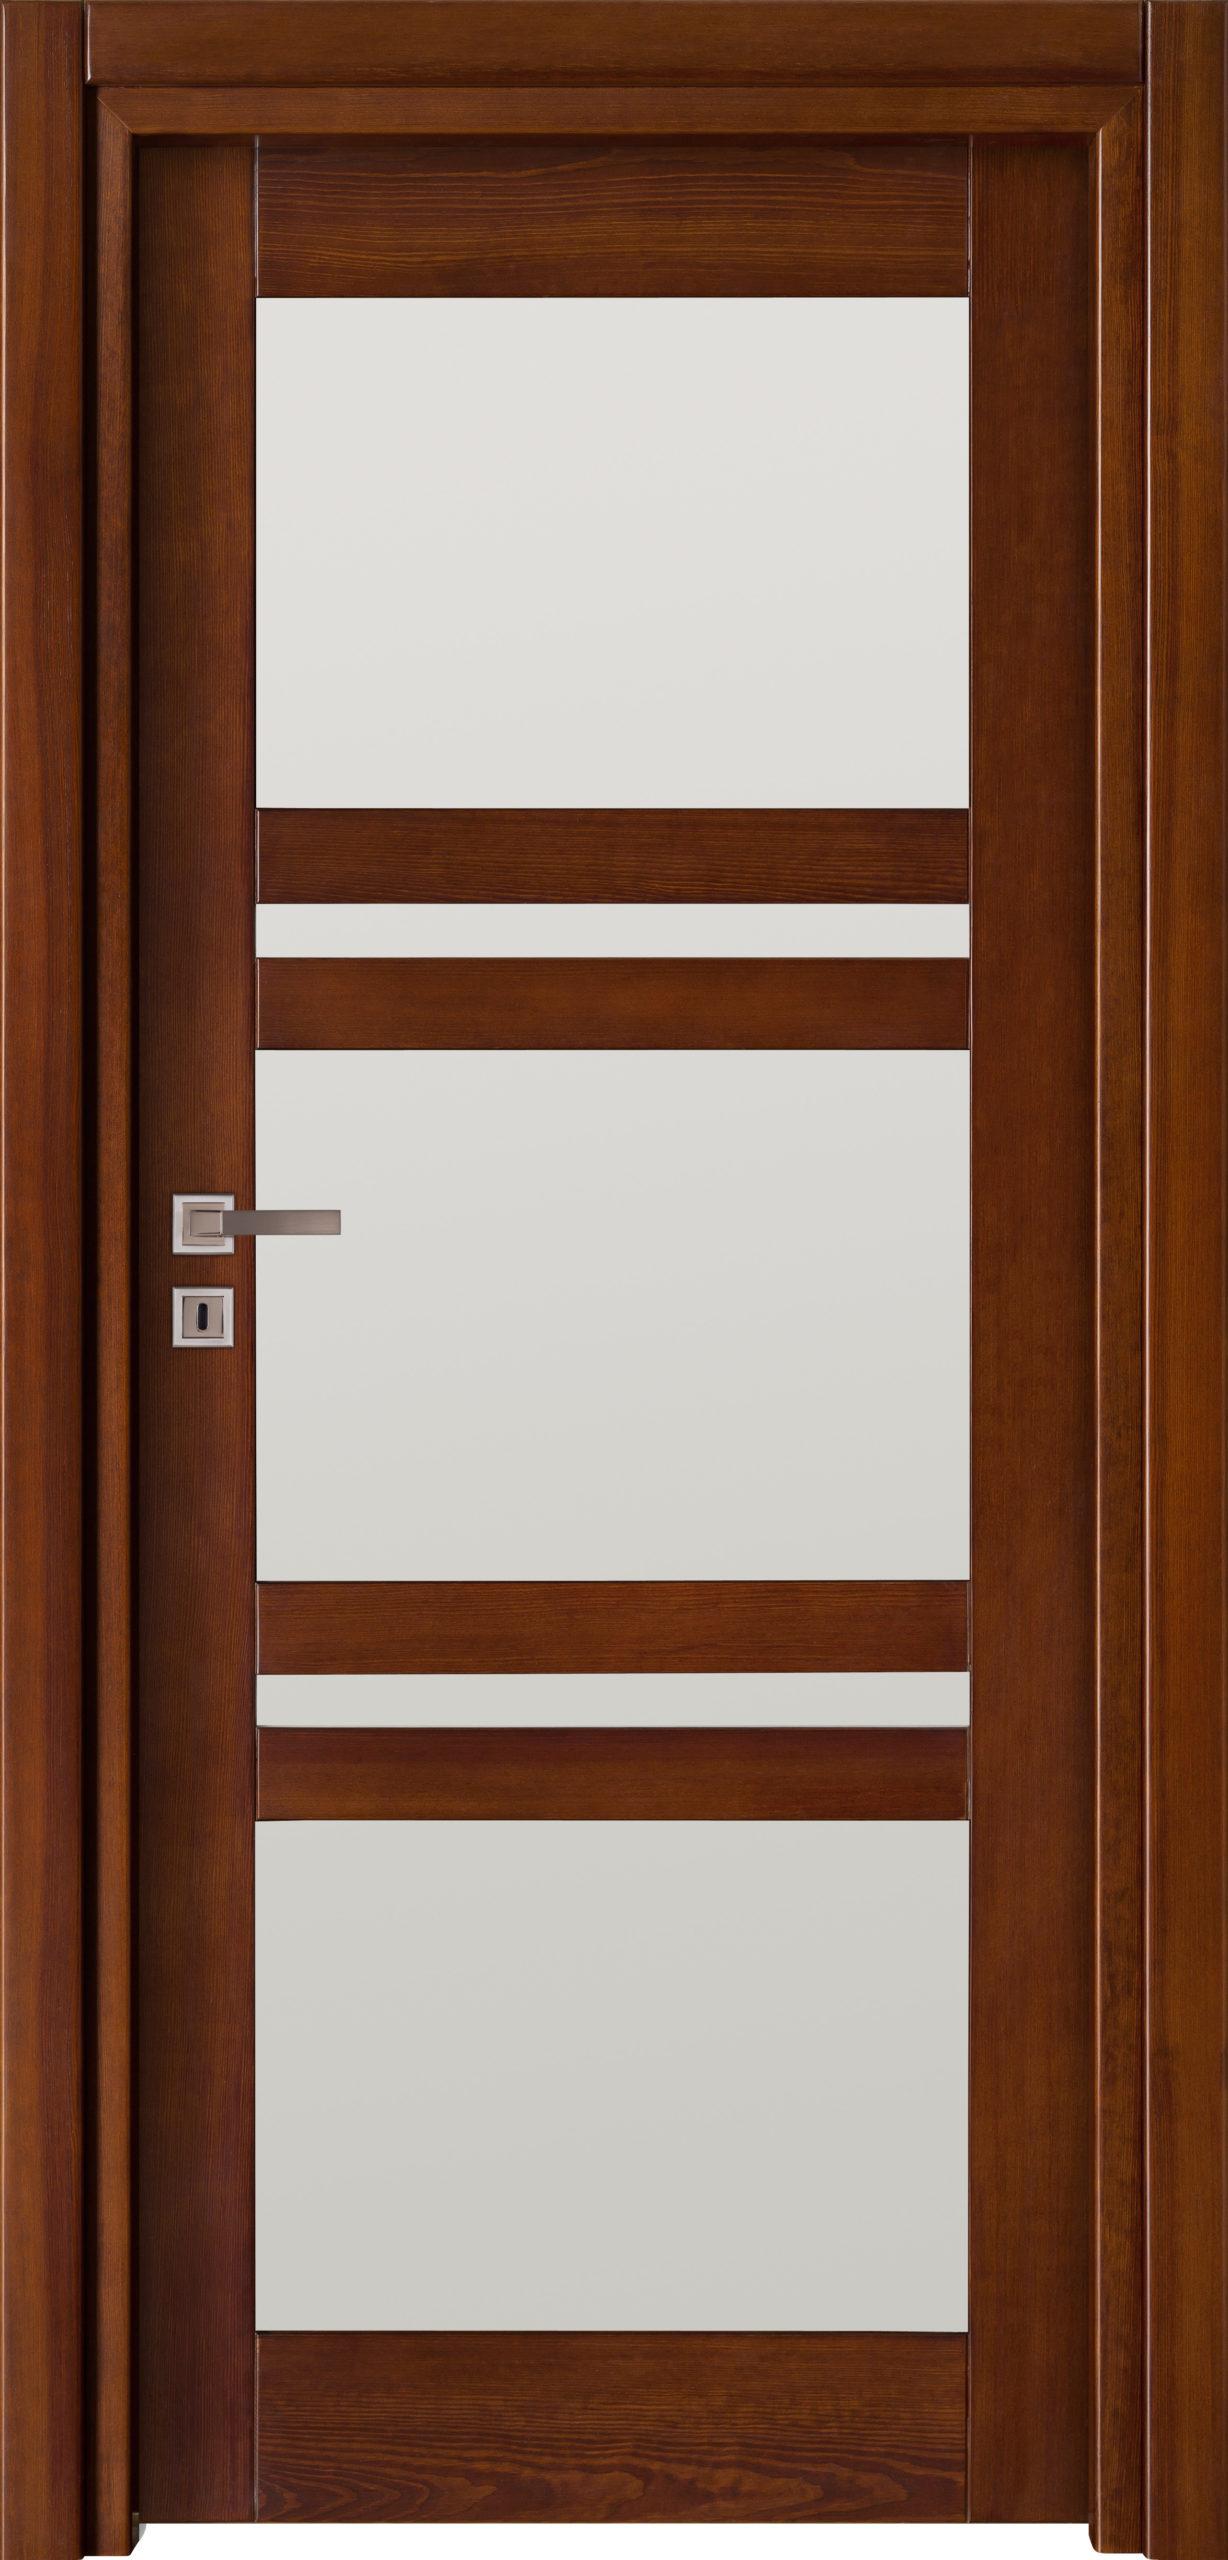 Tanger B3 - jesion - ciemny calvados - szklenie lacomat bezpieczny - ościeżnica przylgowa regulowana drewniana prosta (IIa)